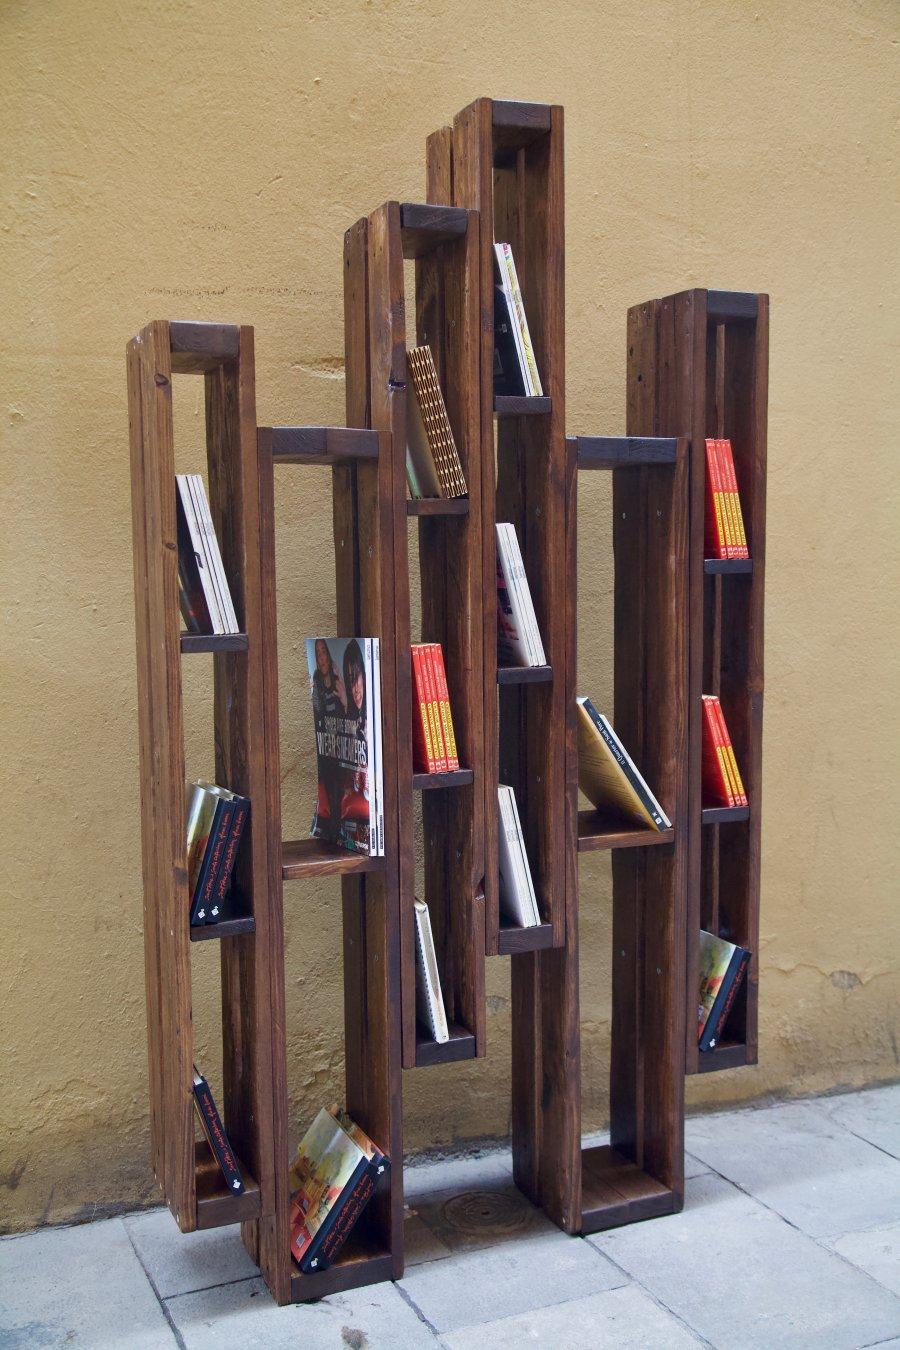 detalle lateral izquierdo de la libreria hecha con palets